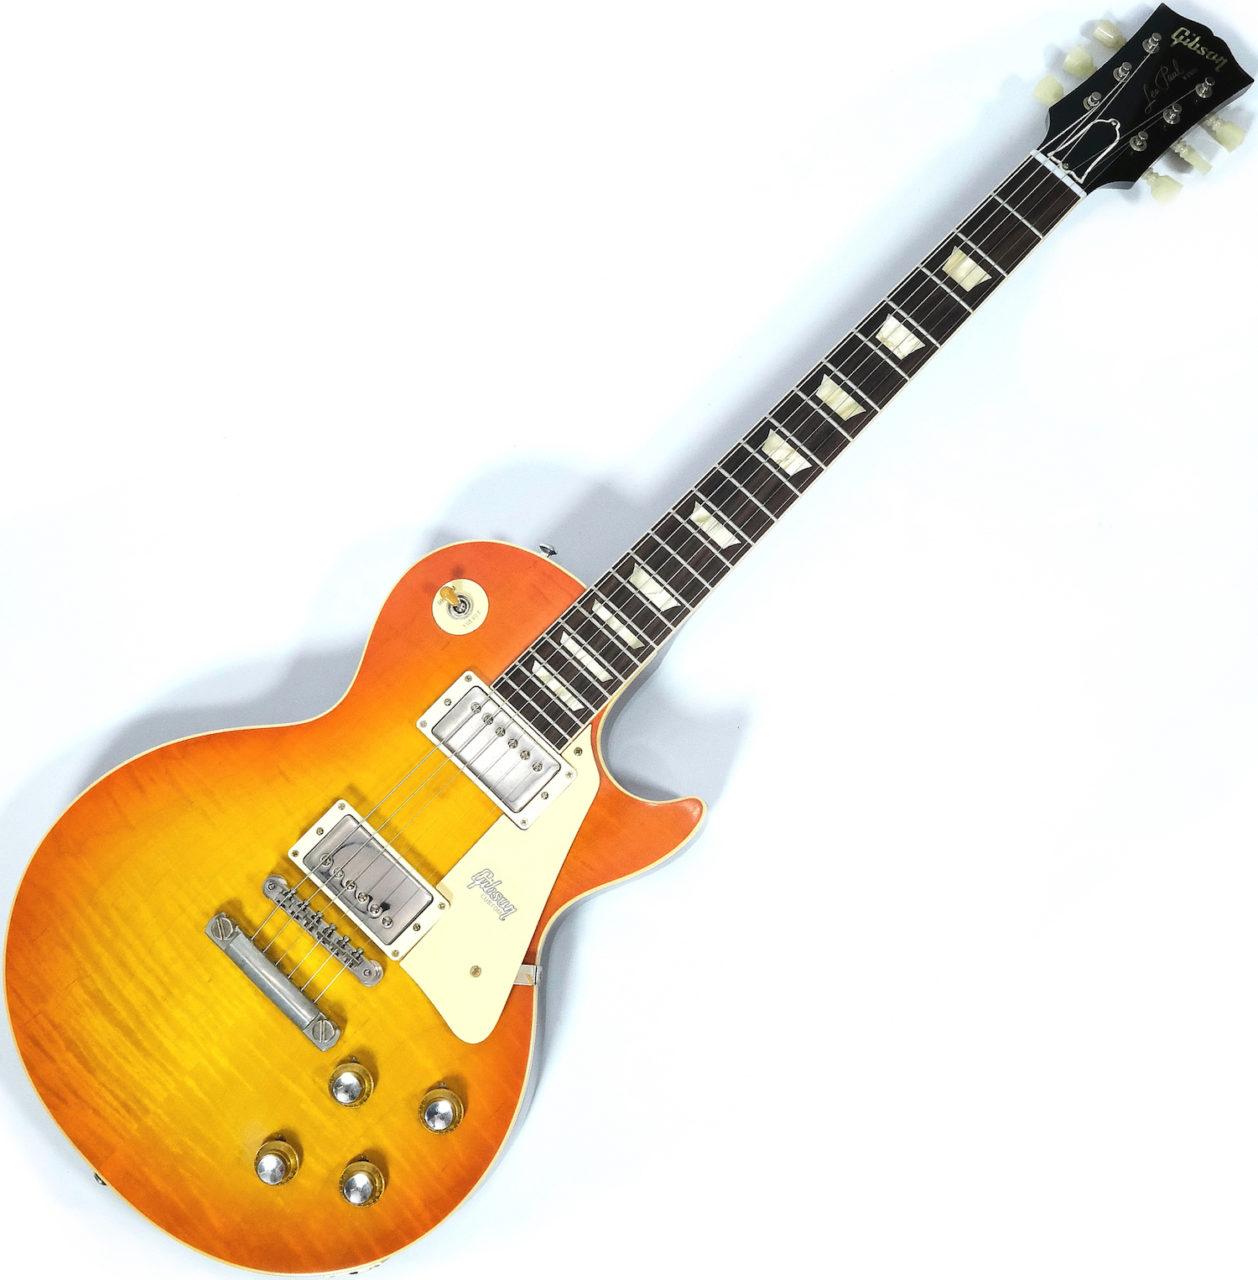 2020 Gibson Custom Shop 60th Anniversary Les Paul